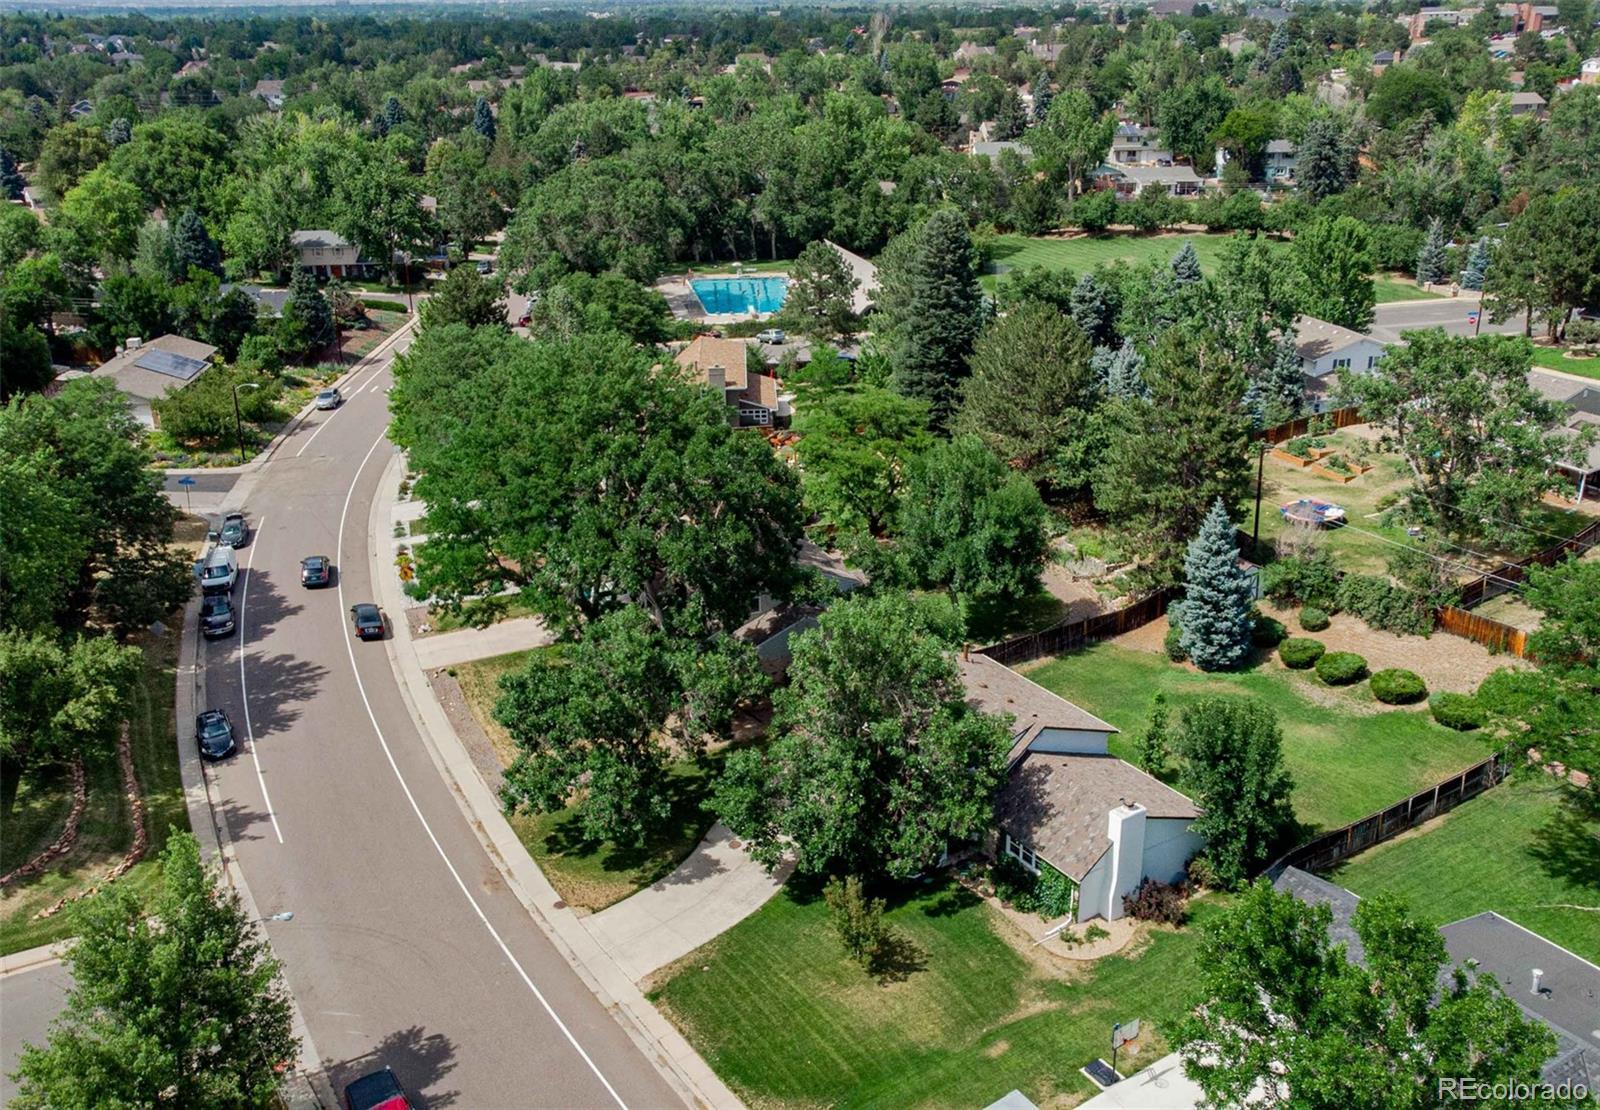 MLS# 4006513 - 2 - 3679 E Nobles Road, Centennial, CO 80122